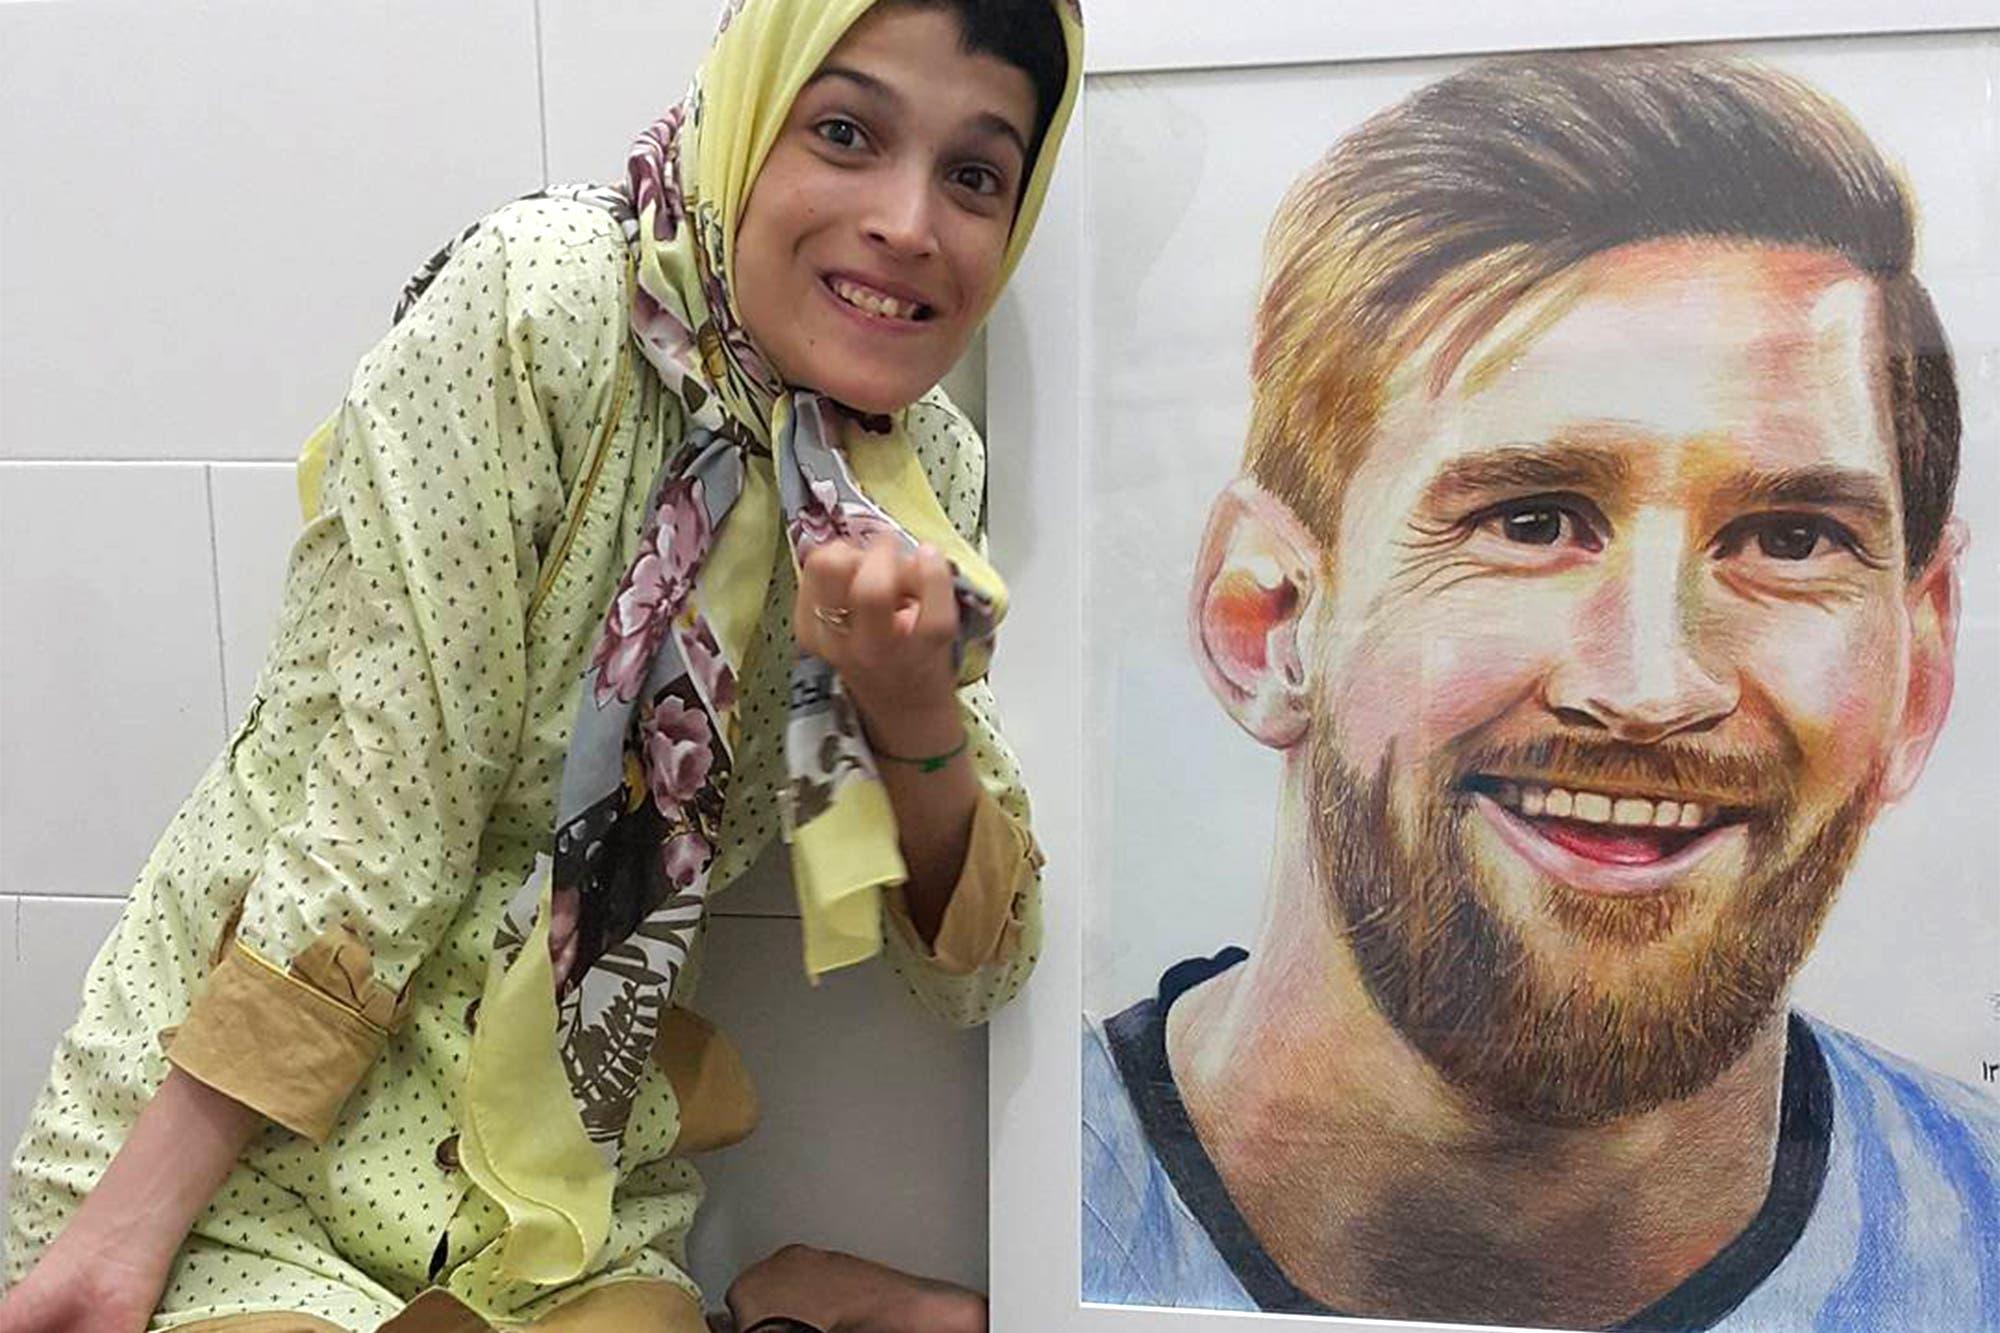 El increíble retrato de Lionel Messi que dibujó una artista con parálisis en 85% de su cuerpo